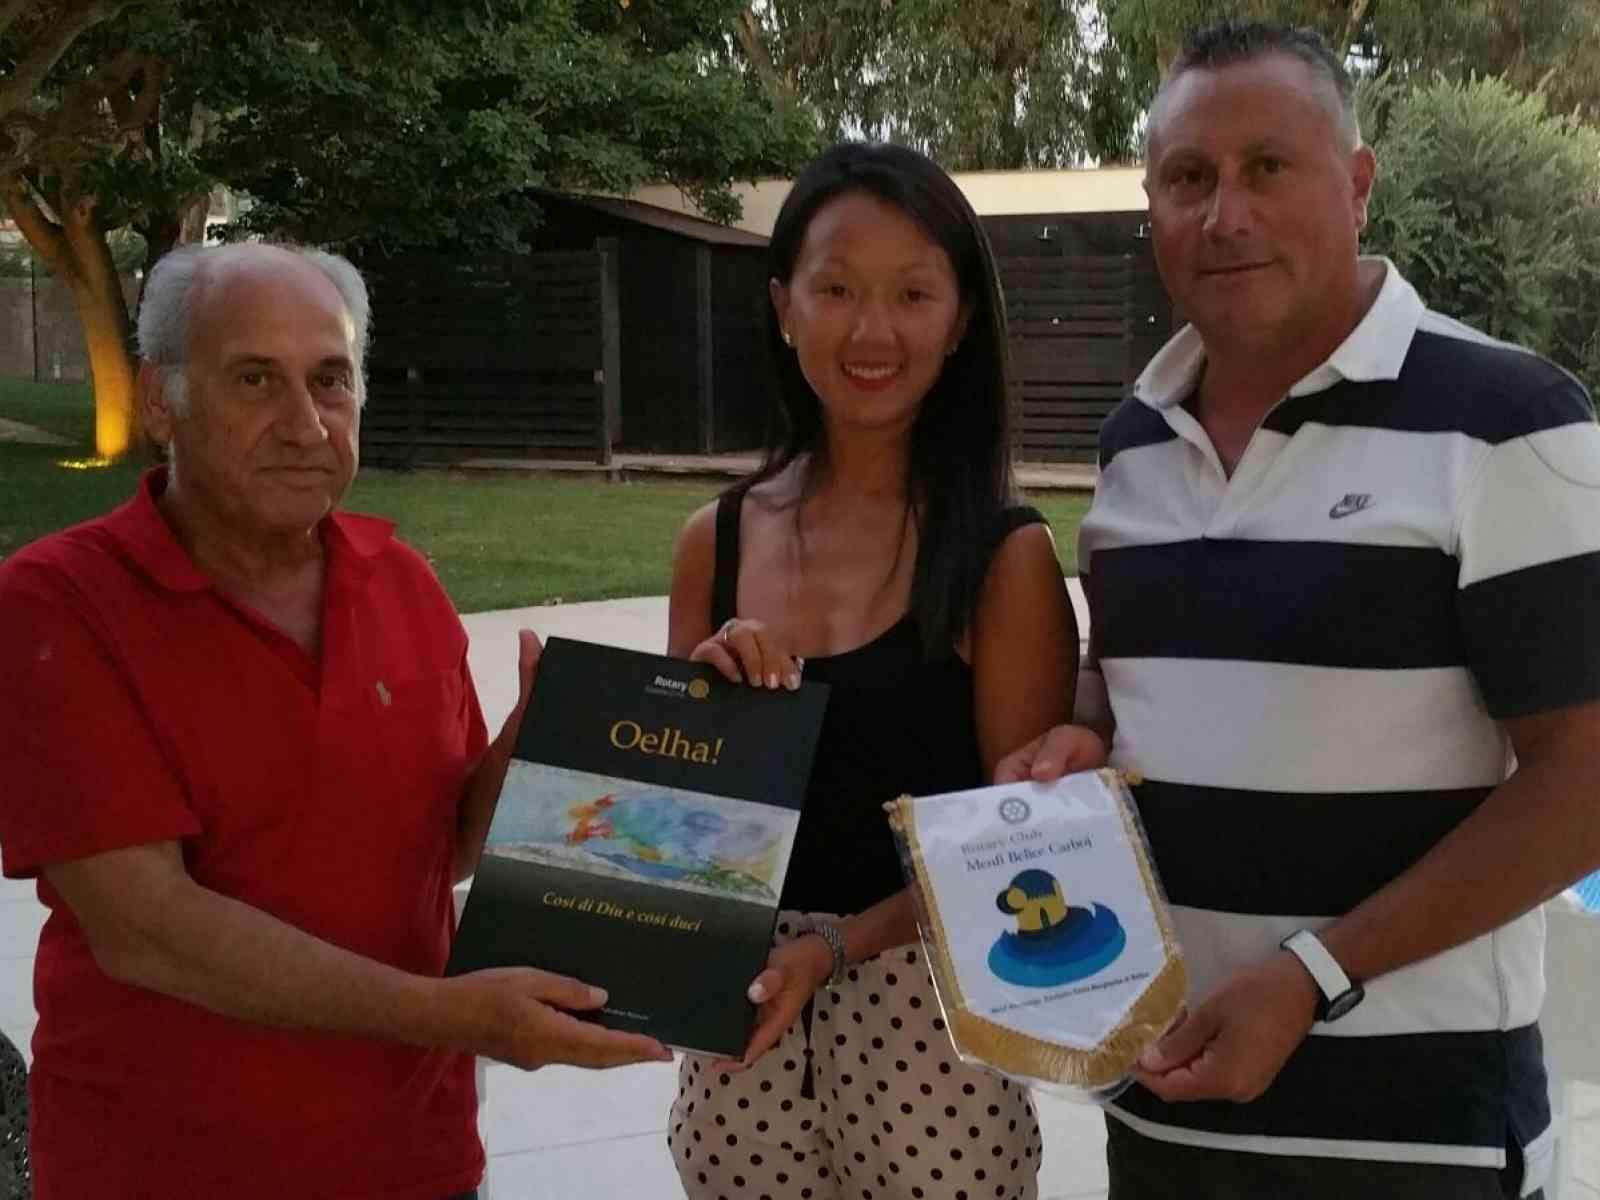 Rotary Club Menfi Belice-Carboj organizza incontro sul turismo. Presente la tour operator cinese Anmin Peng